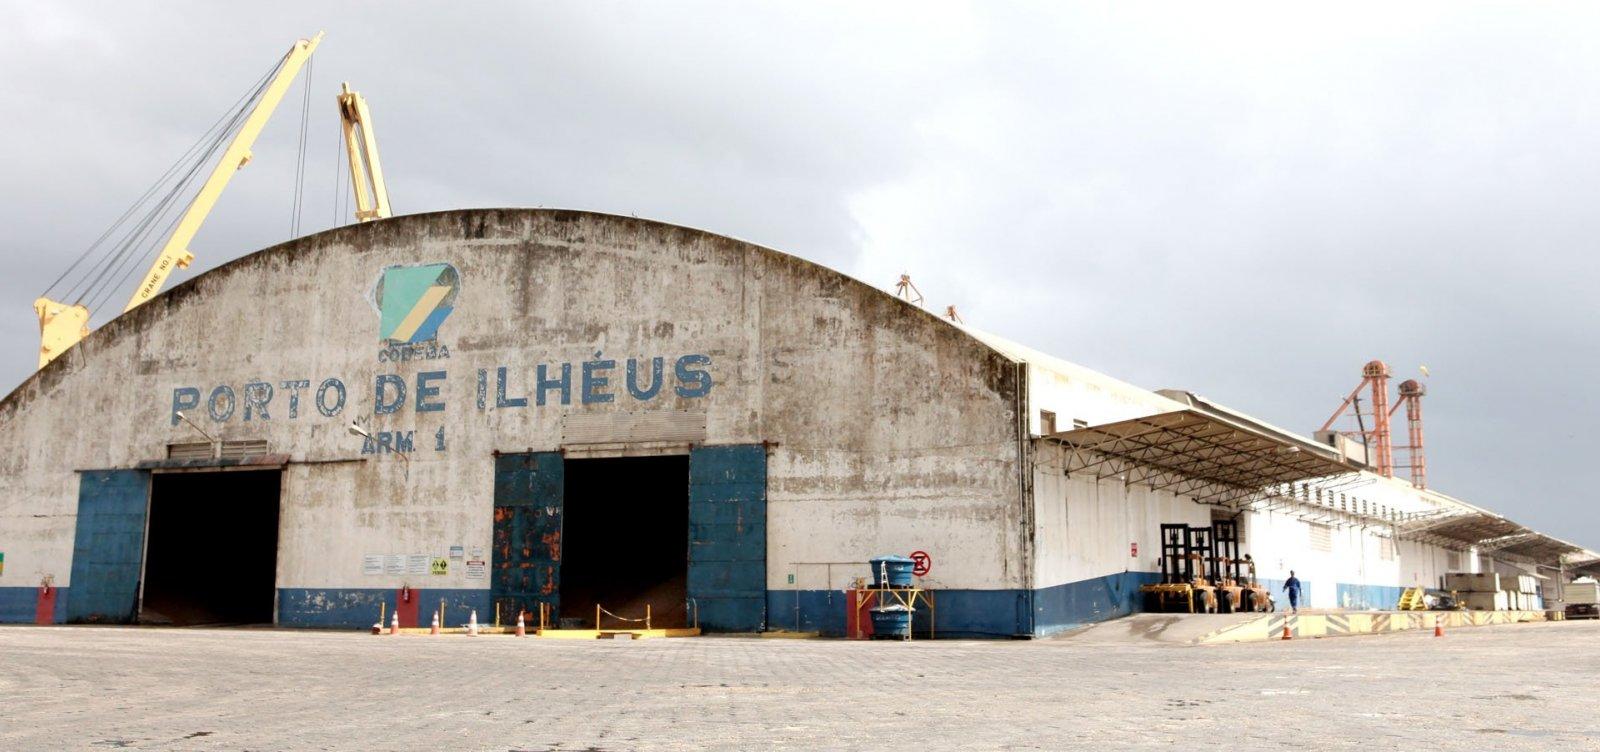 [Coronavírus: navio de Singapura passa por fiscalização após atracar em Ilhéus]